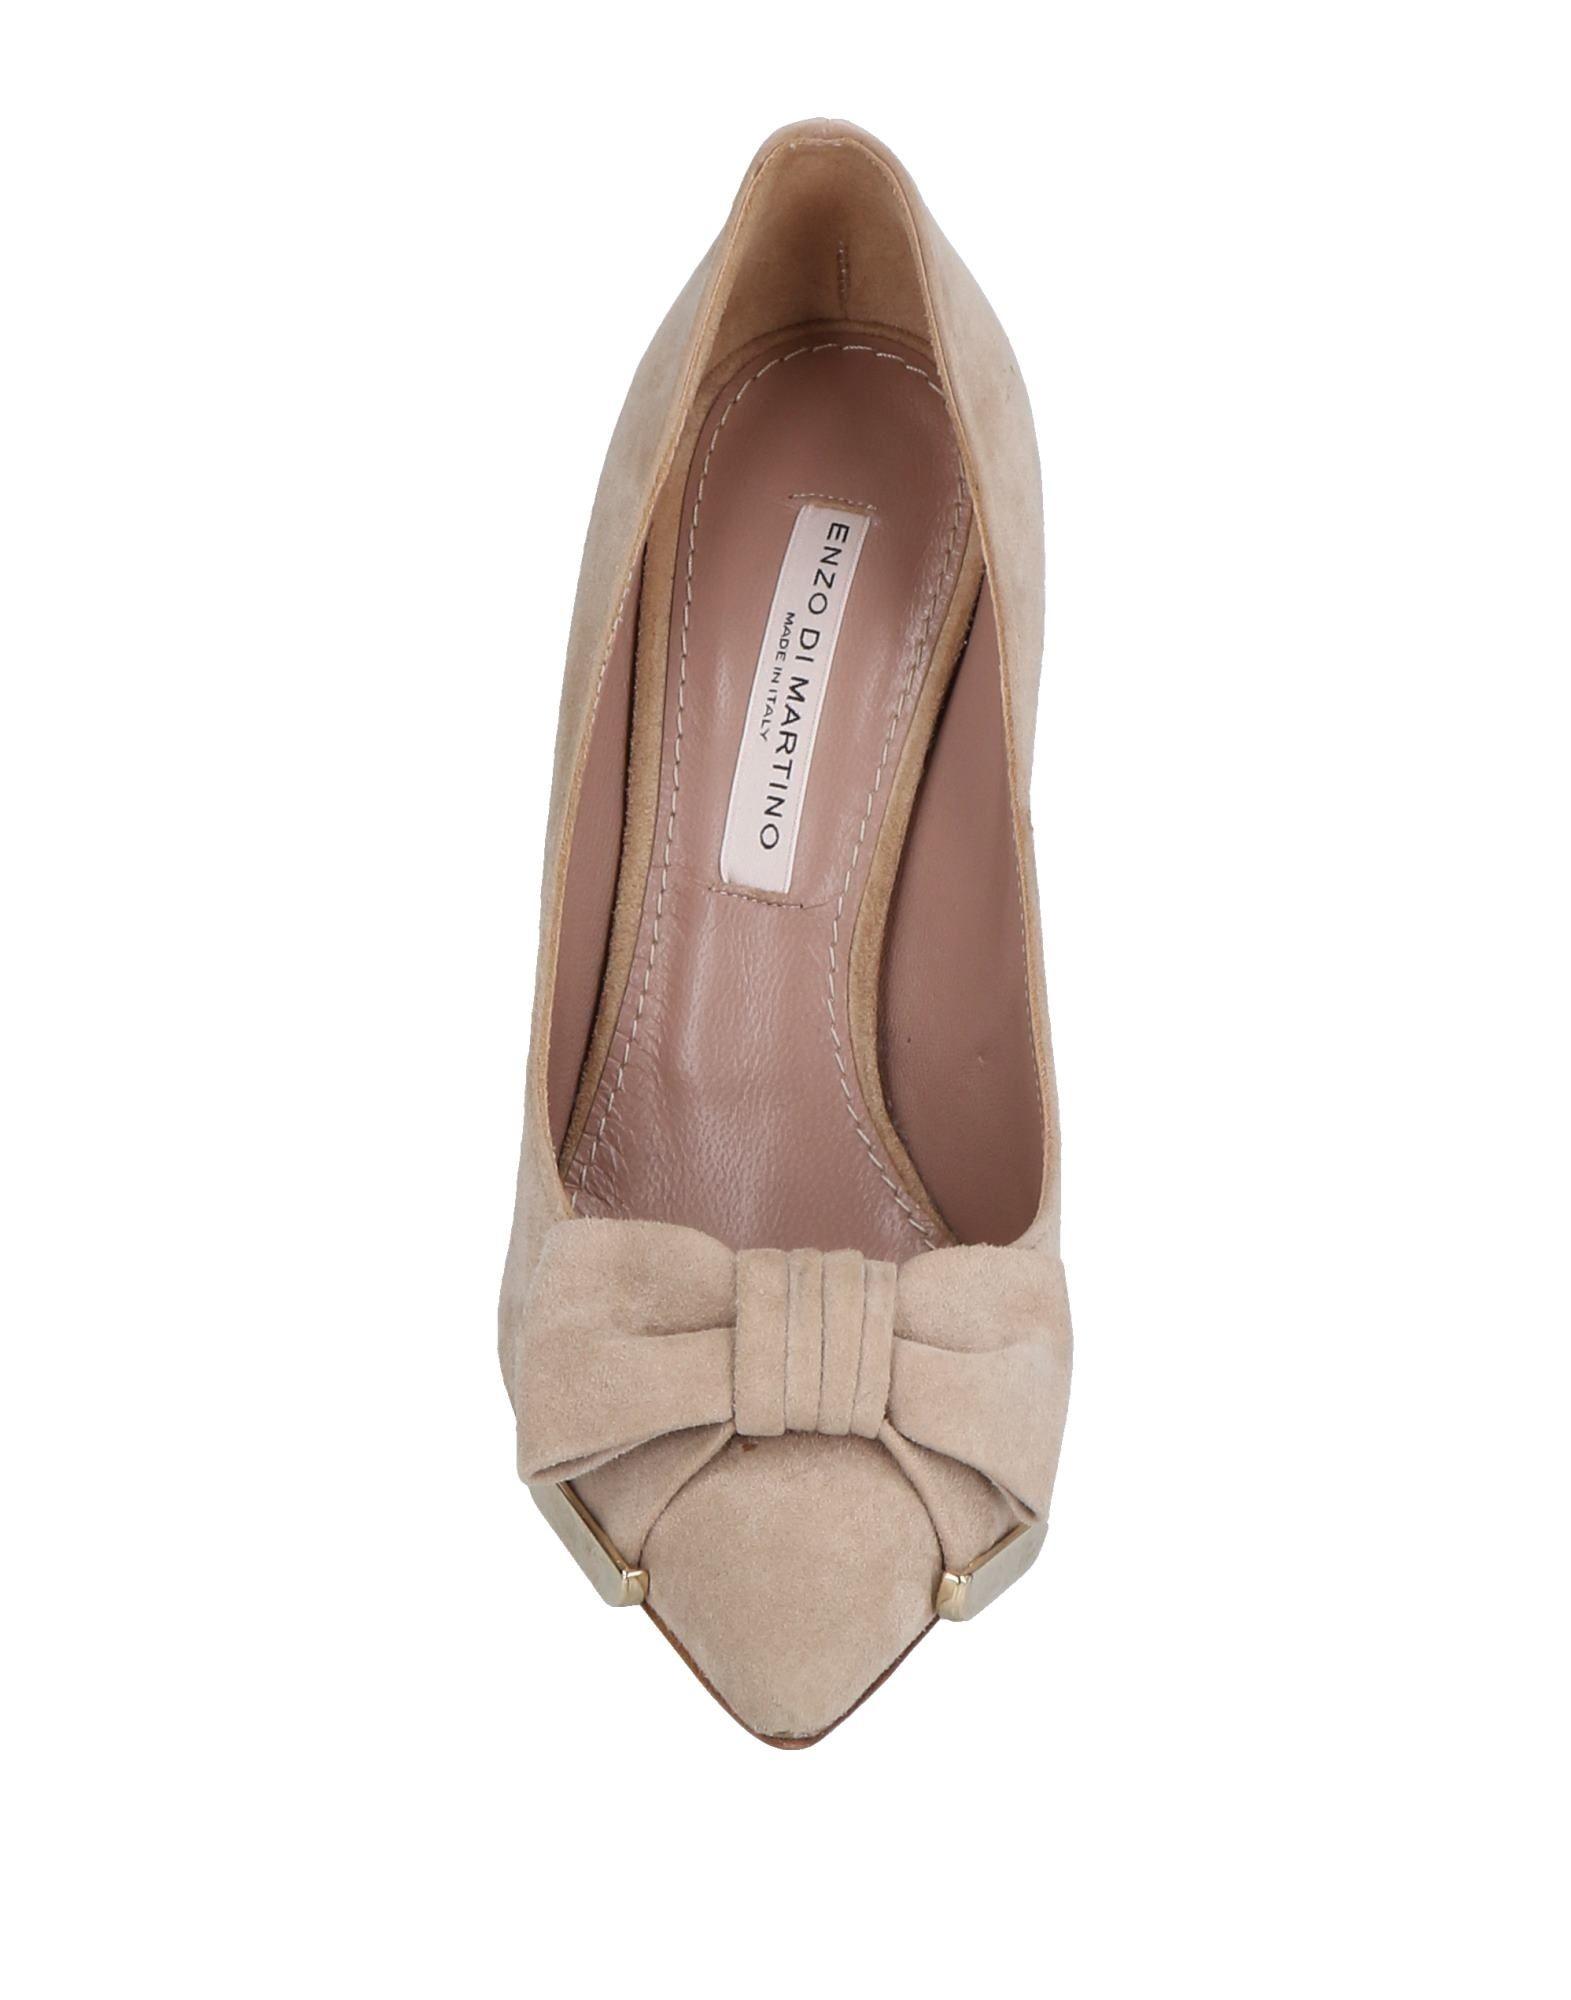 Gut Martino um billige Schuhe zu tragenEnzo Di Martino Gut Pumps Damen  11498056PM 66a585